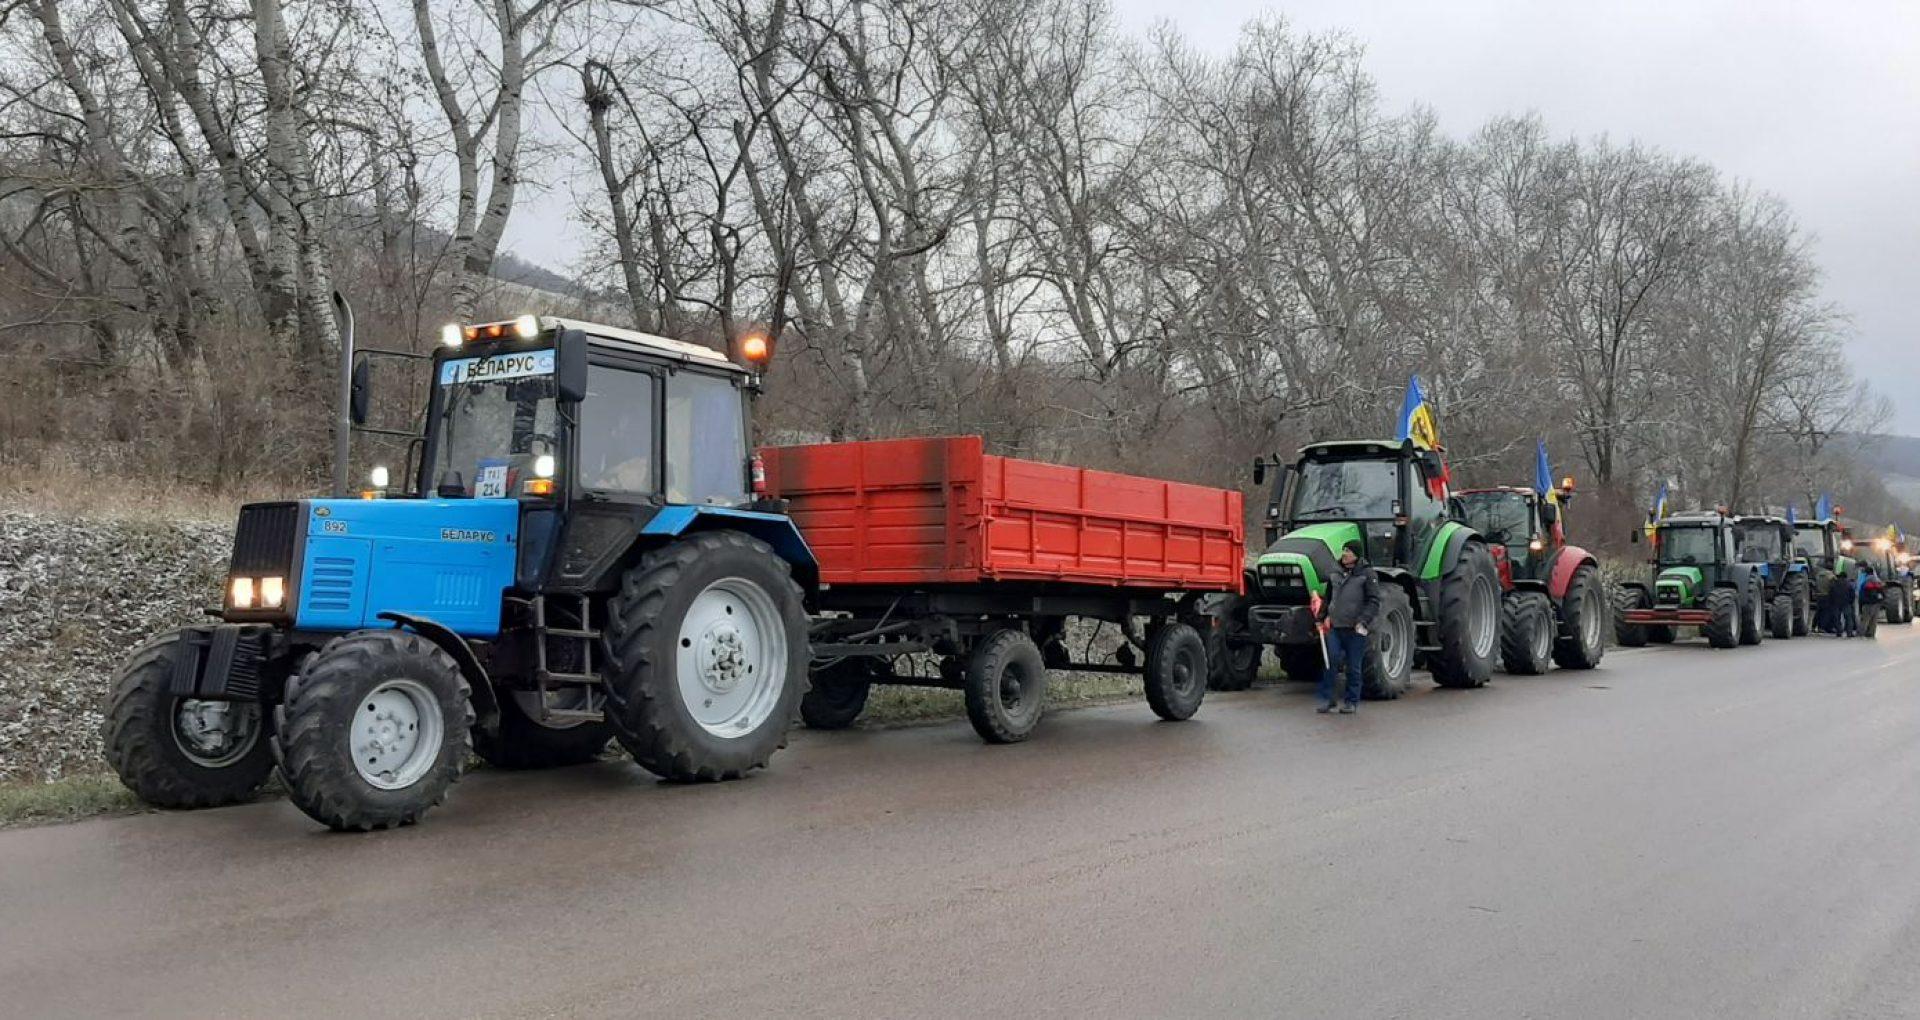 Ministerul Agriculturii anunță că peste 3400 de agricultori au depus cereri pentru a beneficia de motorina din ajutorul umanitar acordat de România